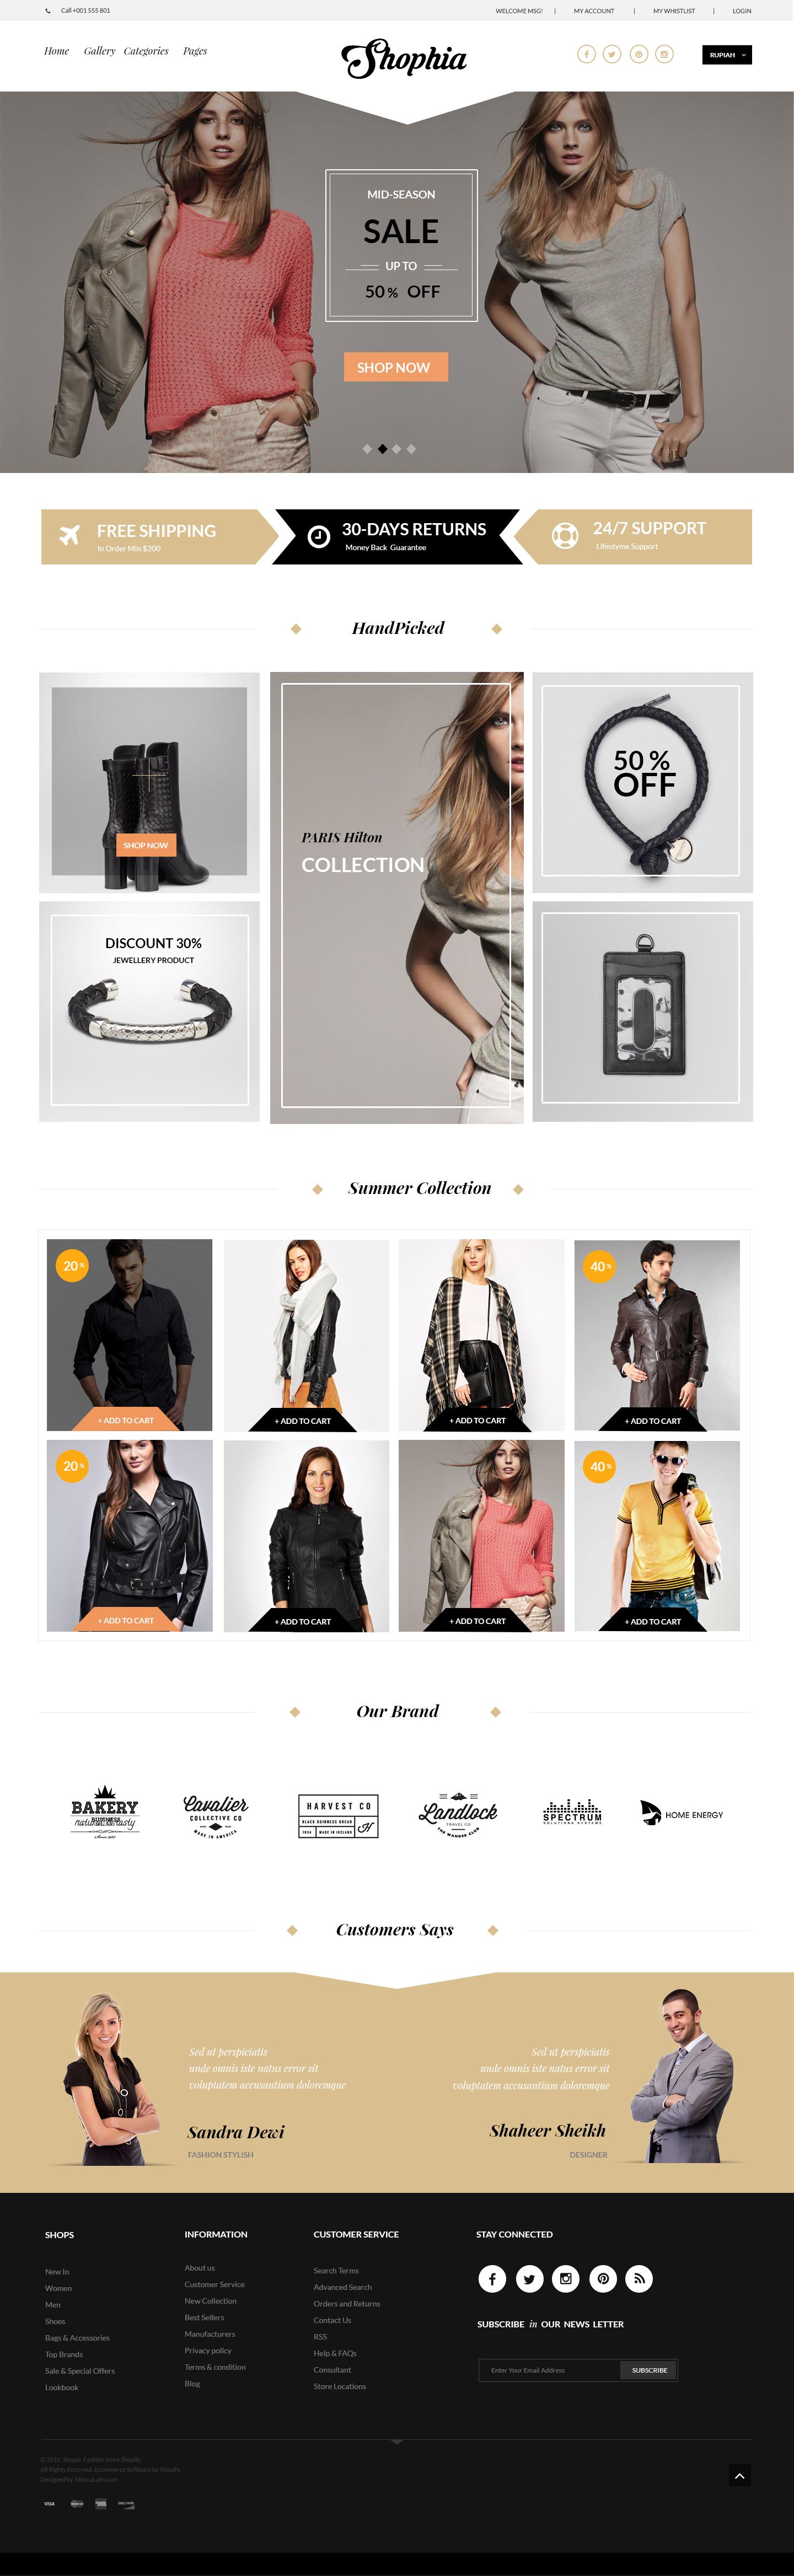 Free Fashion Ecommerce Design Psd Ecommerce Design Ecommerce Web Design Web Layout Design